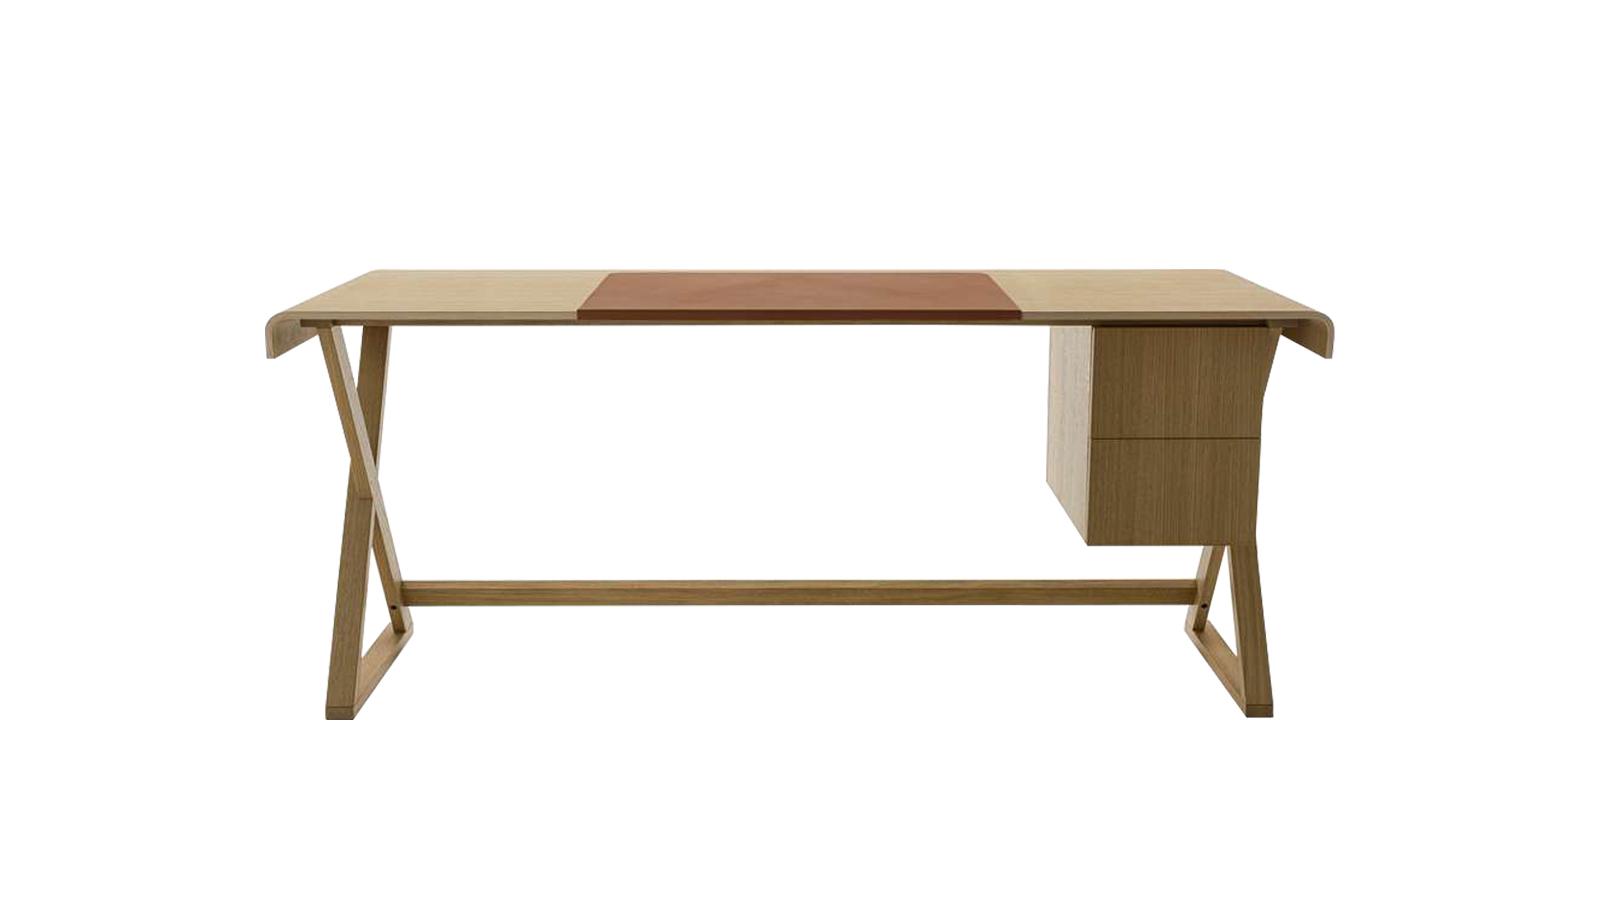 A Maxalto Sidus íróasztala egy szerény darab: egyszerű megoldásokkal operál, miközben mégis különleges. Az asztallábak keresztezése elemeli a bútort a hagyományos íróasztalok megjelenésétől. Az asztallap keskeny, de mégis elfér rajta, ami a szükséges - kis méretének köszönhetően sminkasztalként is használható egy tükör elé helyezve. Szürke tölgy, csiszolt világostölgy, valamint fekete tölgy variációkban kapható - már a Code Showroomban is!